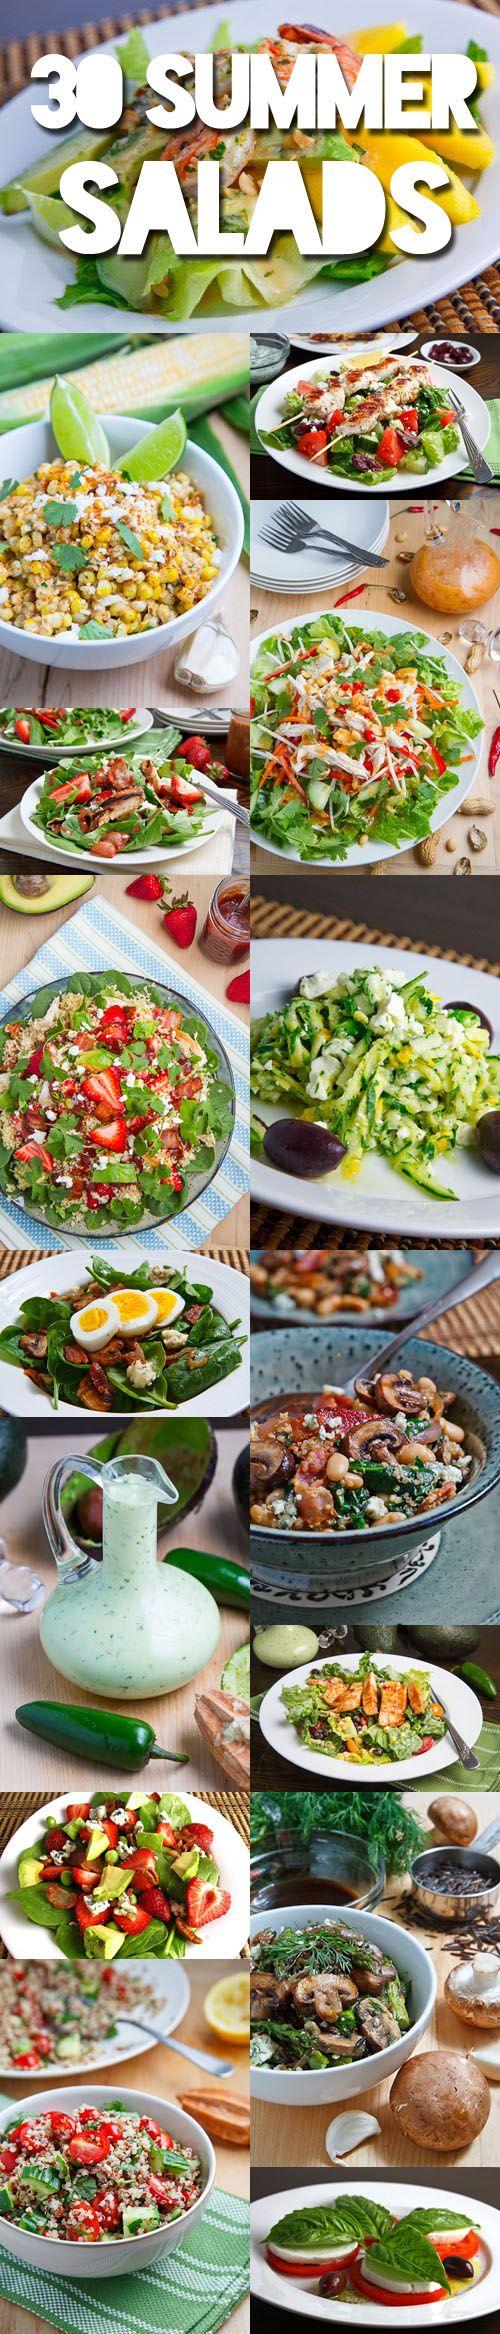 ¿Se acerca el veranito y lo que más apetece es una buena ensalada o no? ¡Aquí te damos 30 ideas para un plato ligero, sano y muy fresquito!